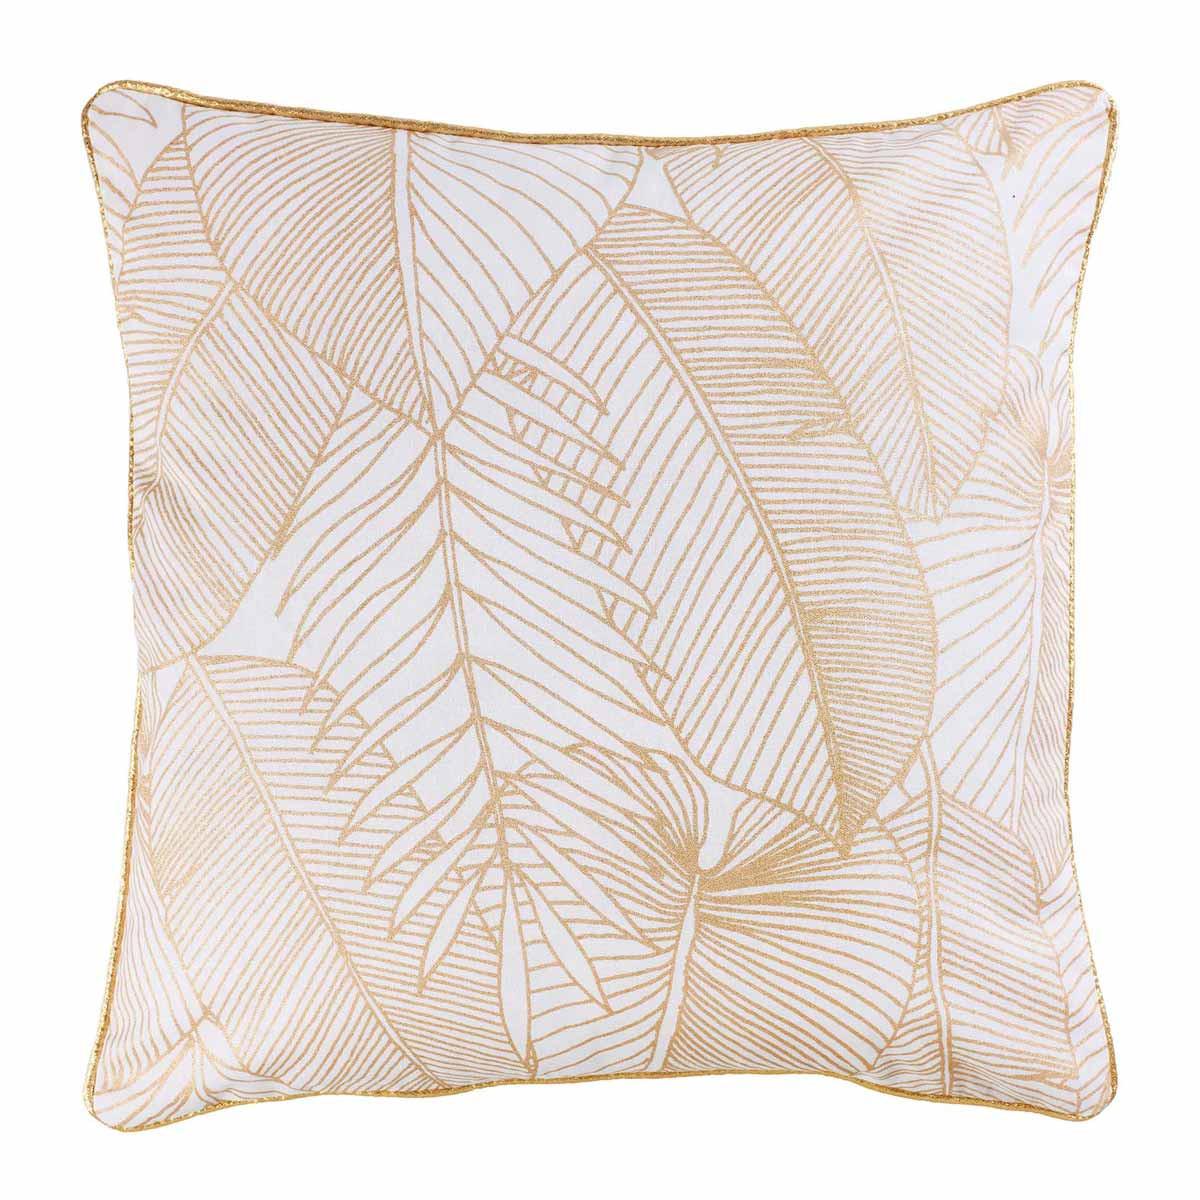 Διακοσμητική Μαξιλαροθήκη Gatsby Or 1607780 home   σαλόνι   διακοσμητικά μαξιλάρια